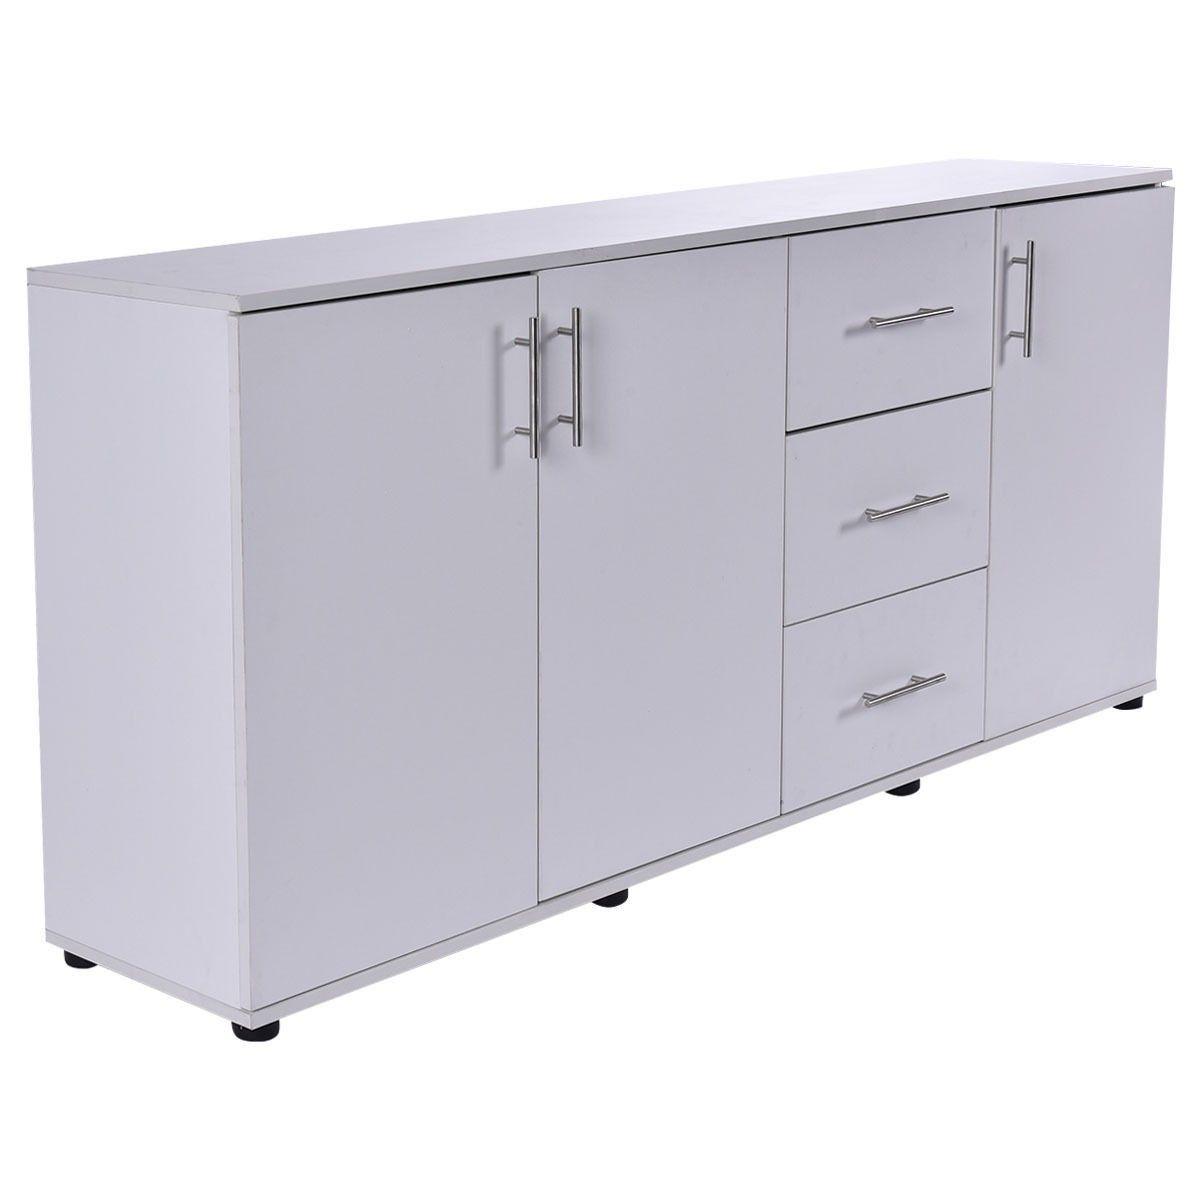 Elegant And Stunning 3 Door Pantry Cabinet From 3 Door Kitchen